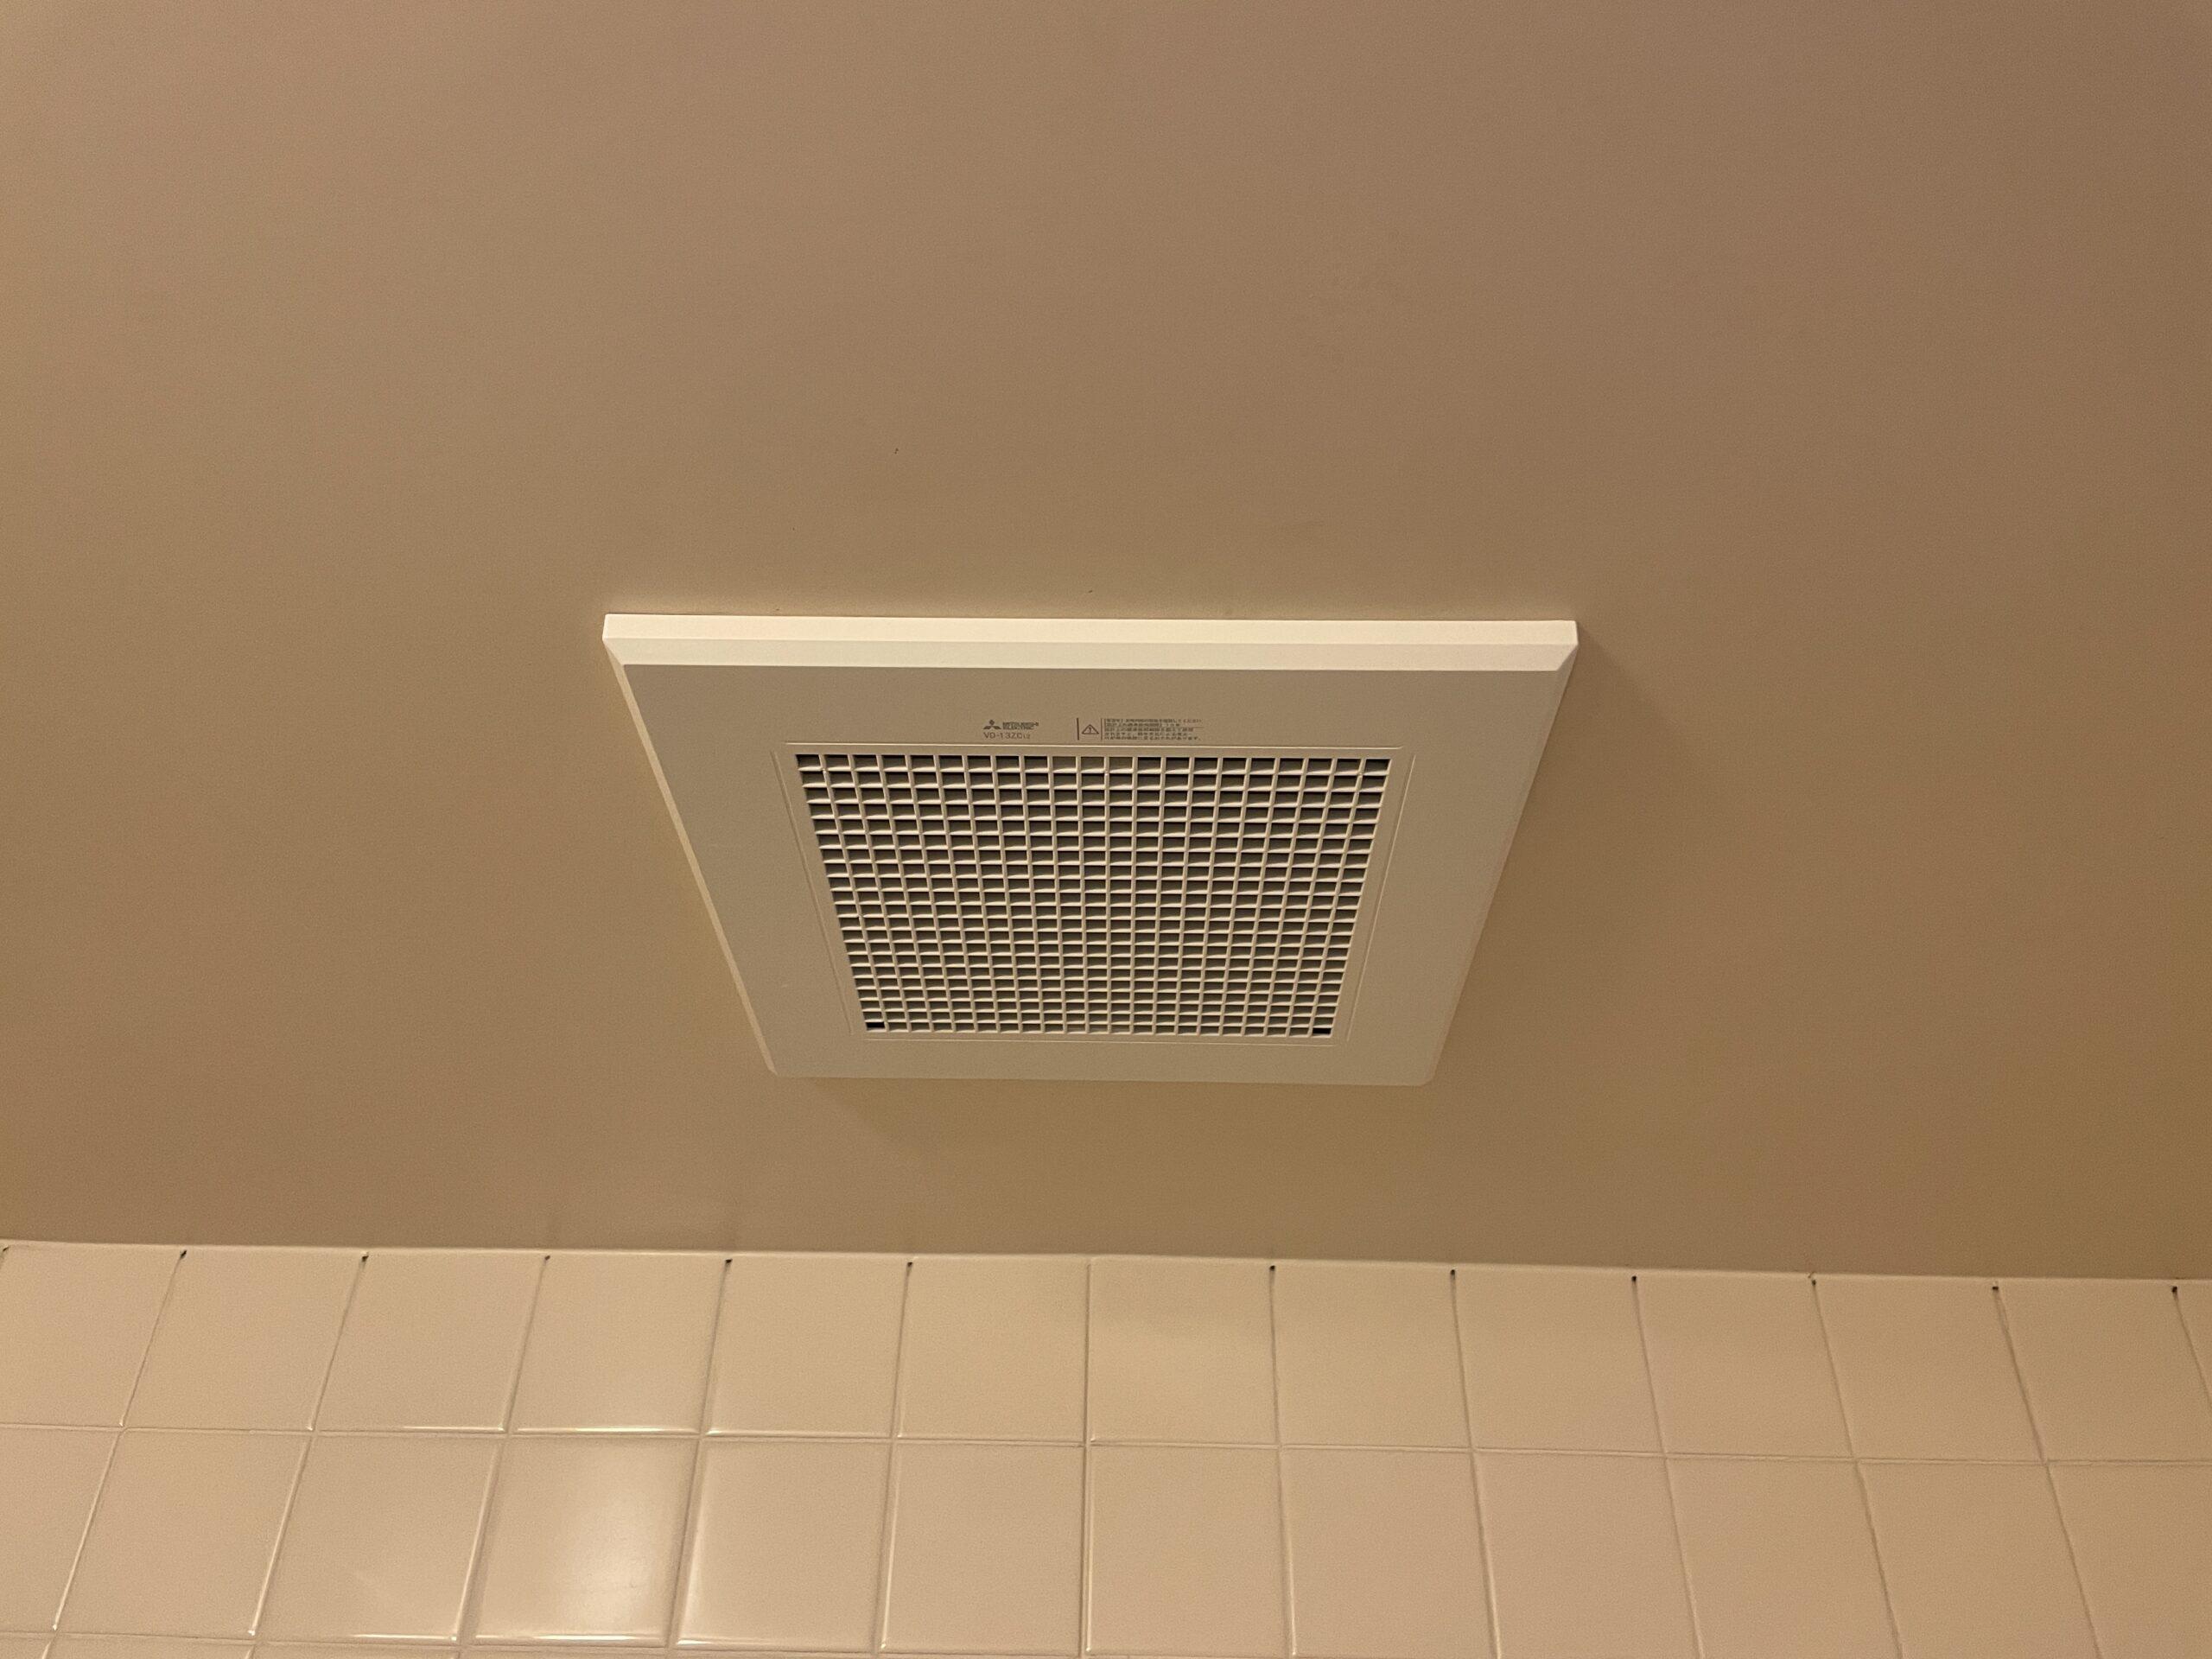 東住吉区 浴室用換気扇 施工後②